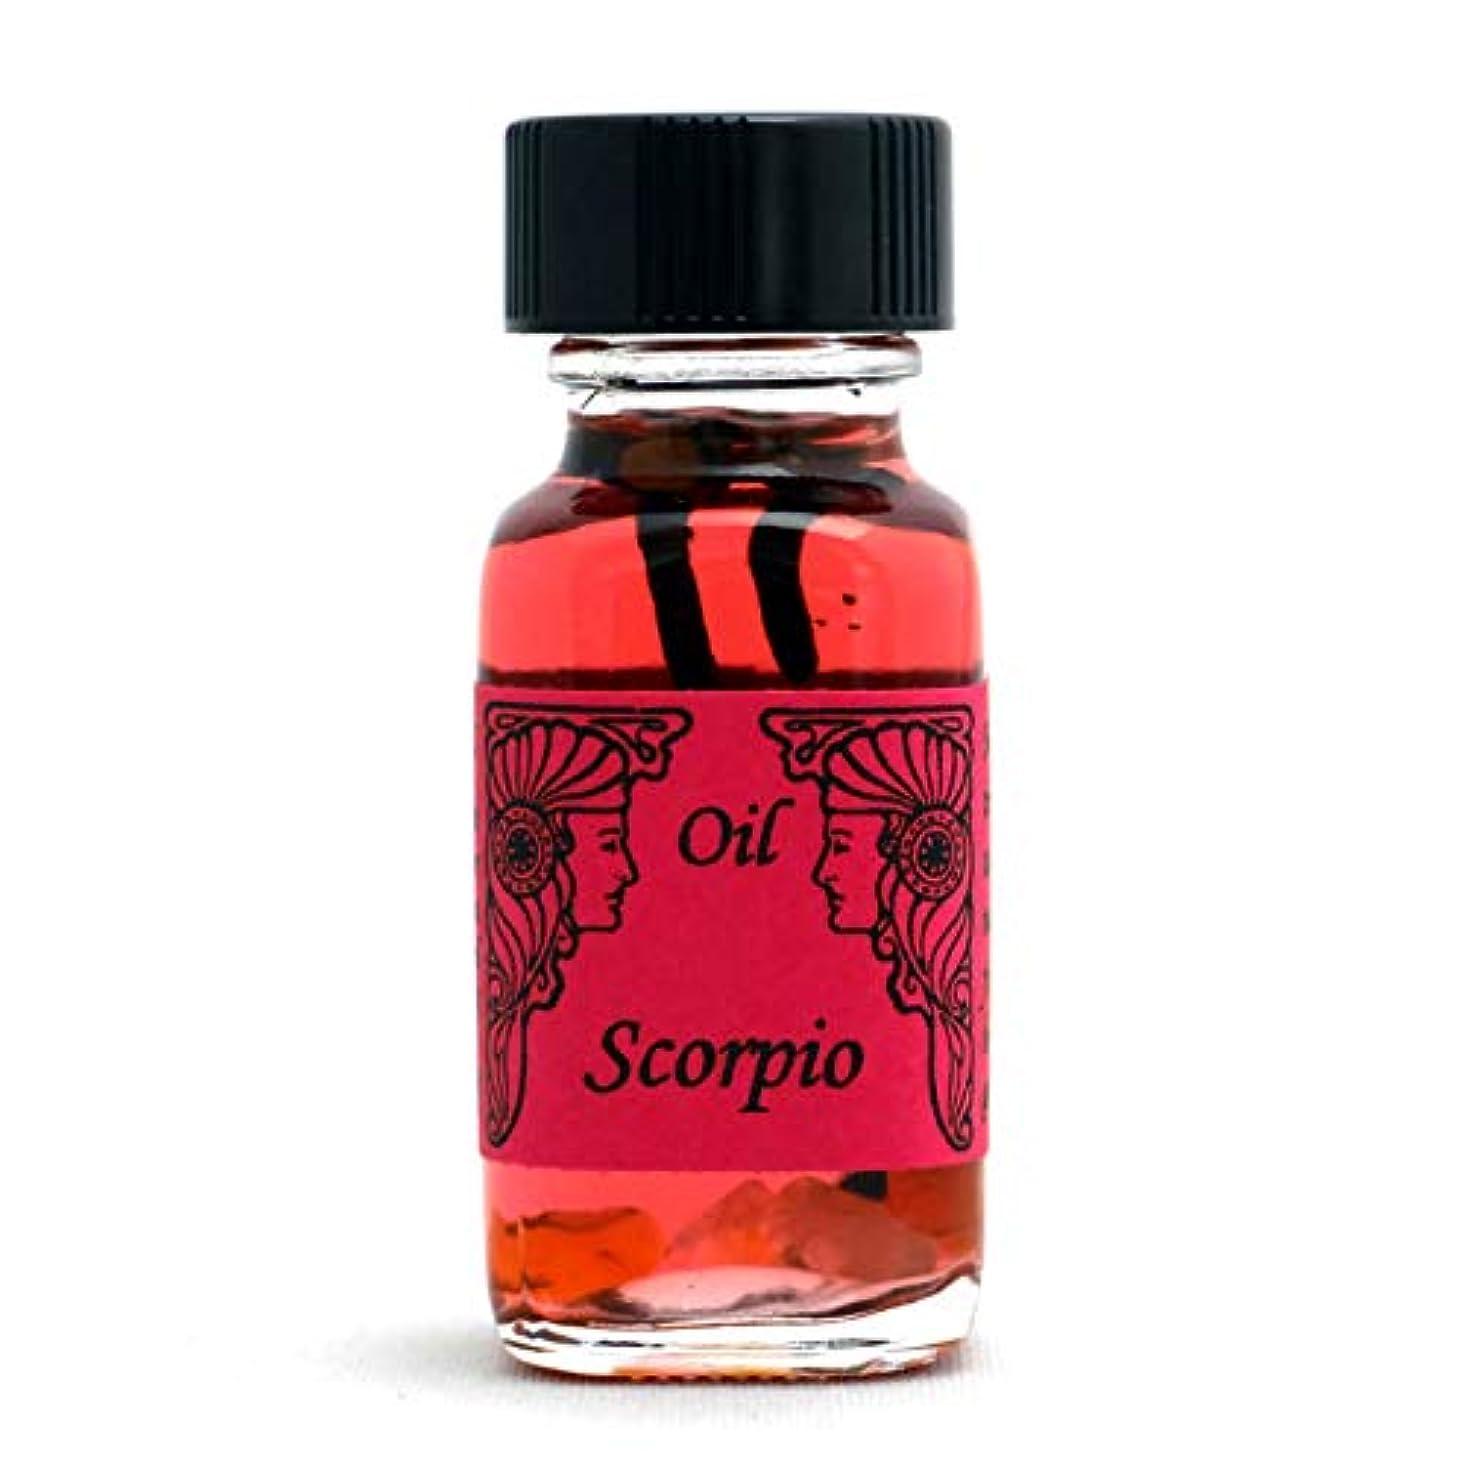 ピン古代おそらくアンシェントメモリーオイル 12星座オイル(占星術オイル)Scorpio 蠍座 10月23日~11月21日